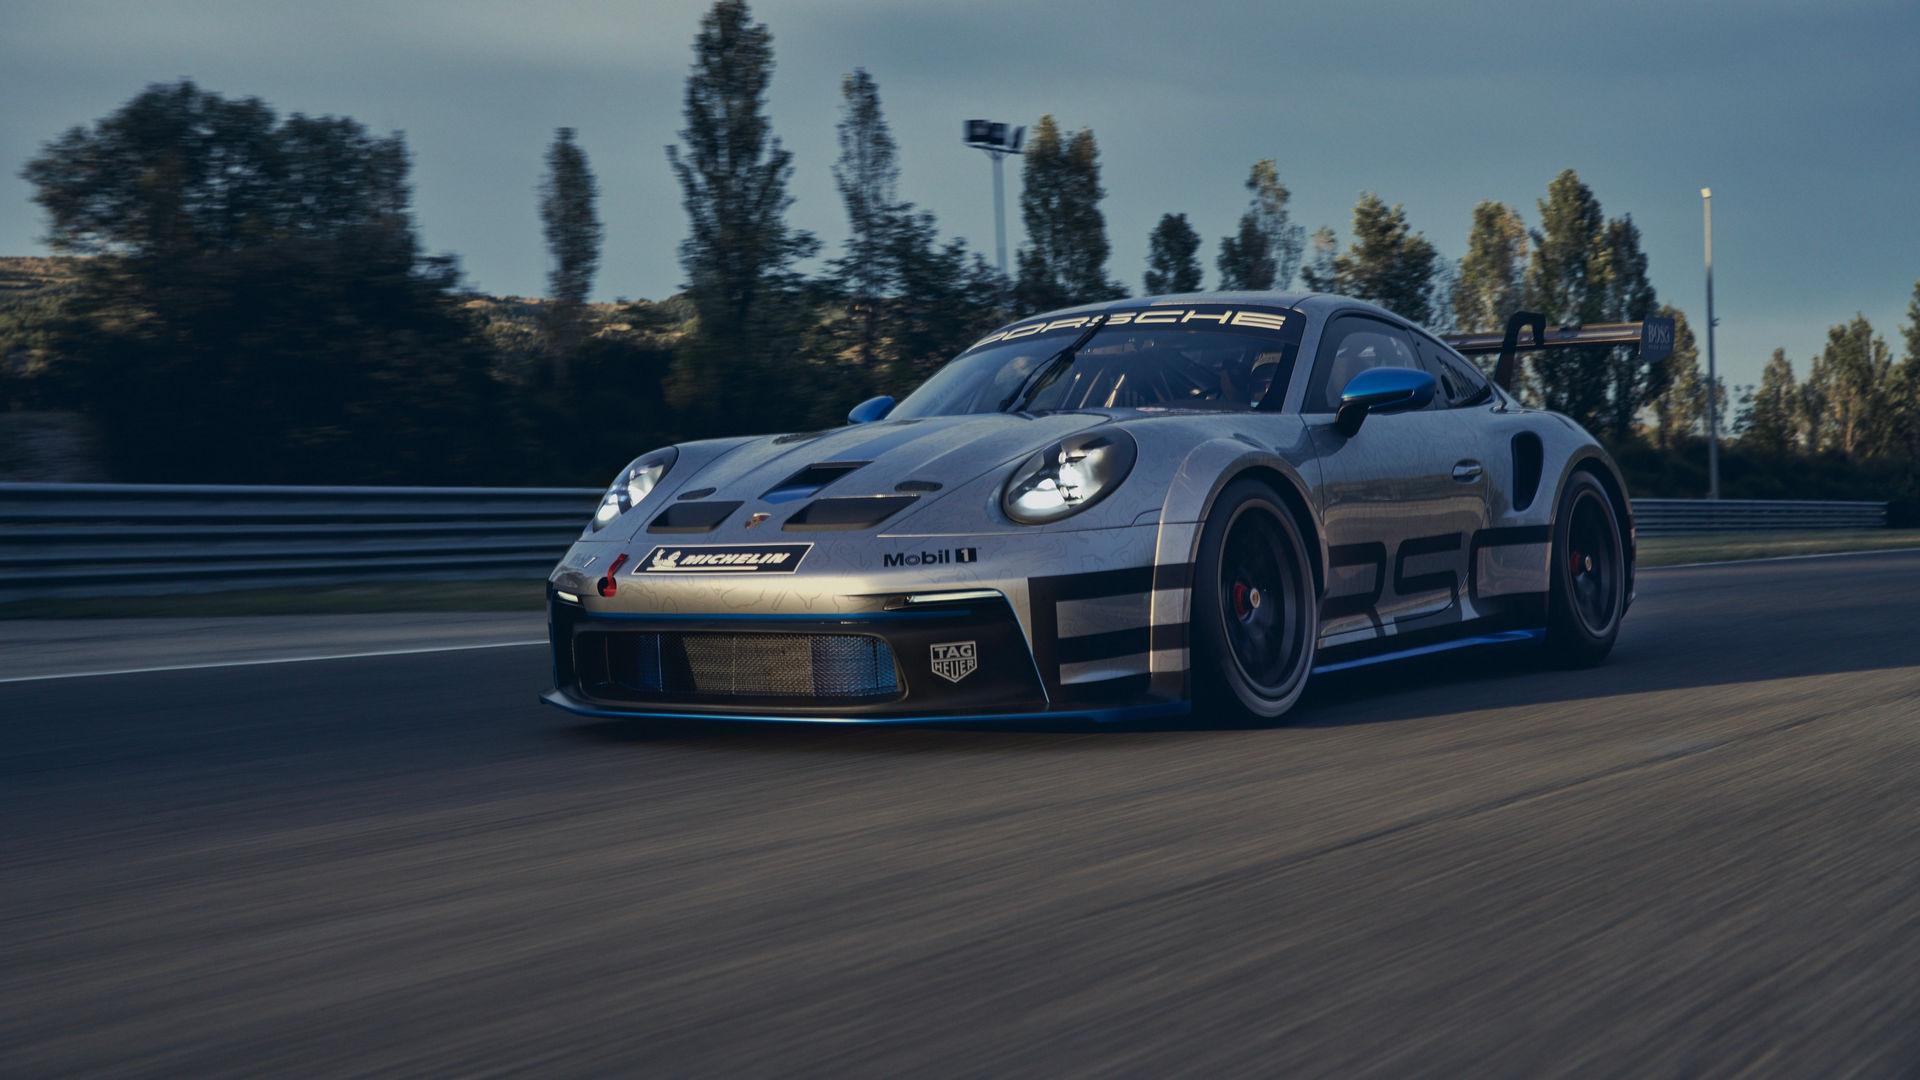 O novo Porsche 911 GT3 Cup aproveita a plataforma do 911 Turbo, mas não trás turbocompressor